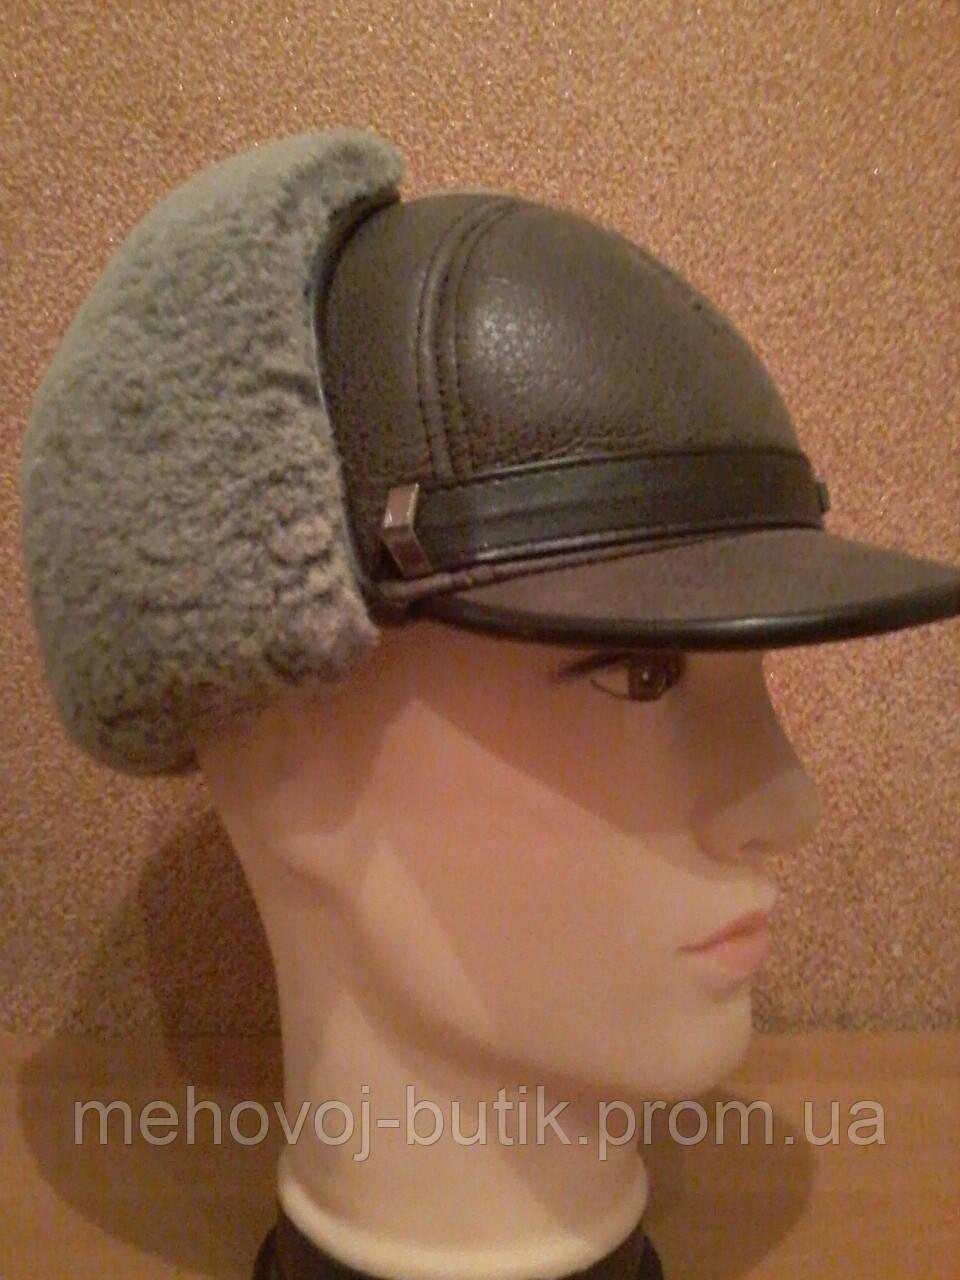 Мужская шапка из натуральной овчины модель Форт 3 м  - МЕХОВОЙ БУТИК ЗИМУШКА в Полтаве